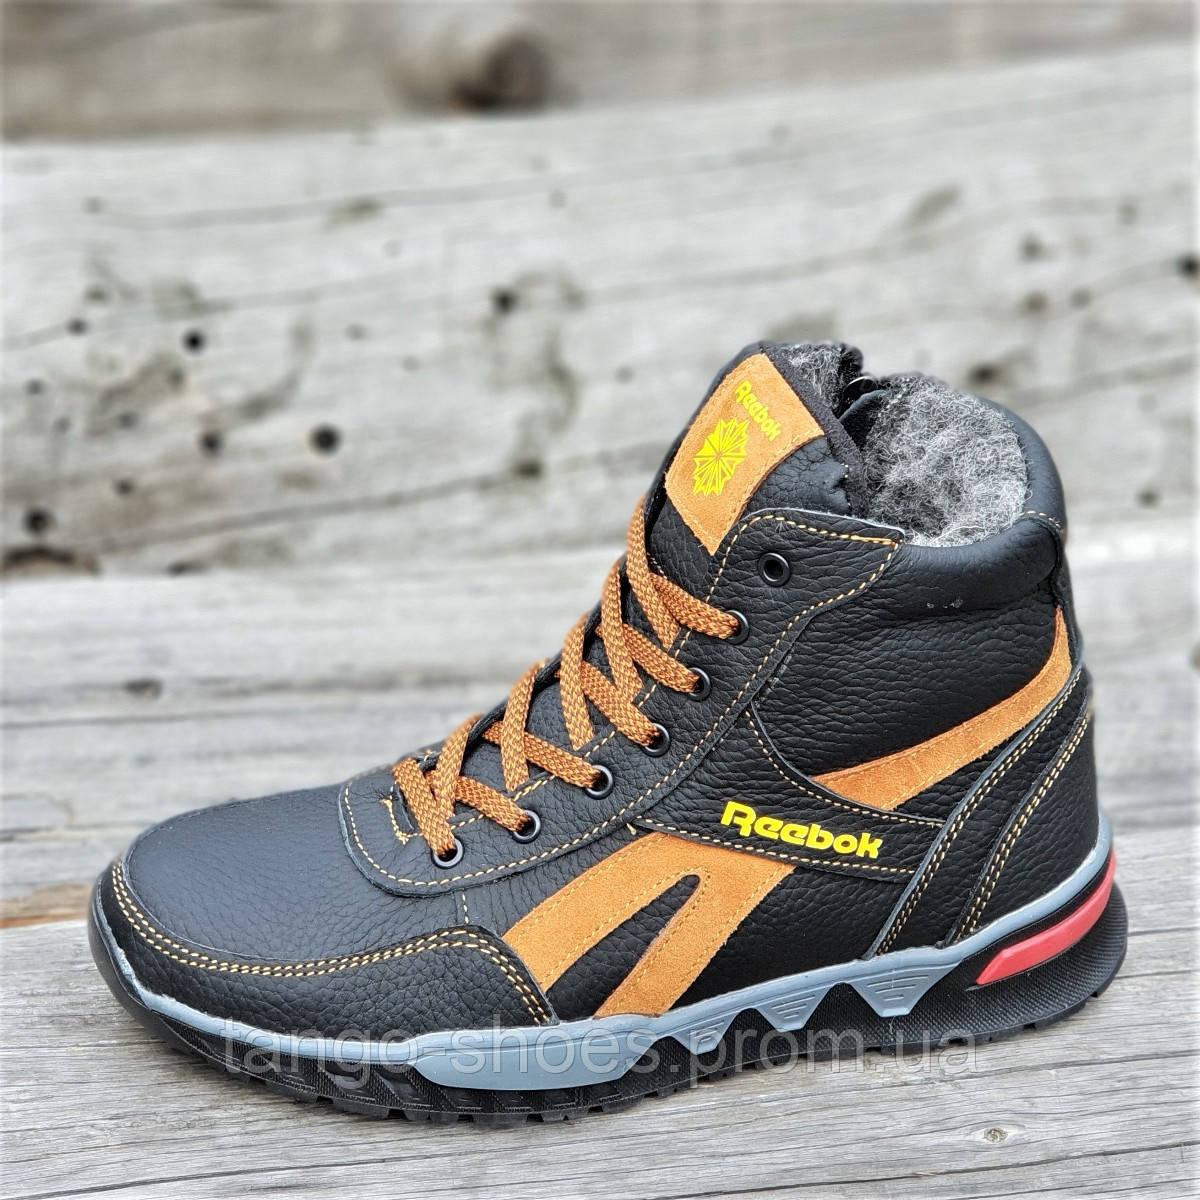 084b24c40 Подростковые зимние высокие кожаные кроссовки ботинки Reebok рибок реплика  мужские черные мех (Код: Т1256